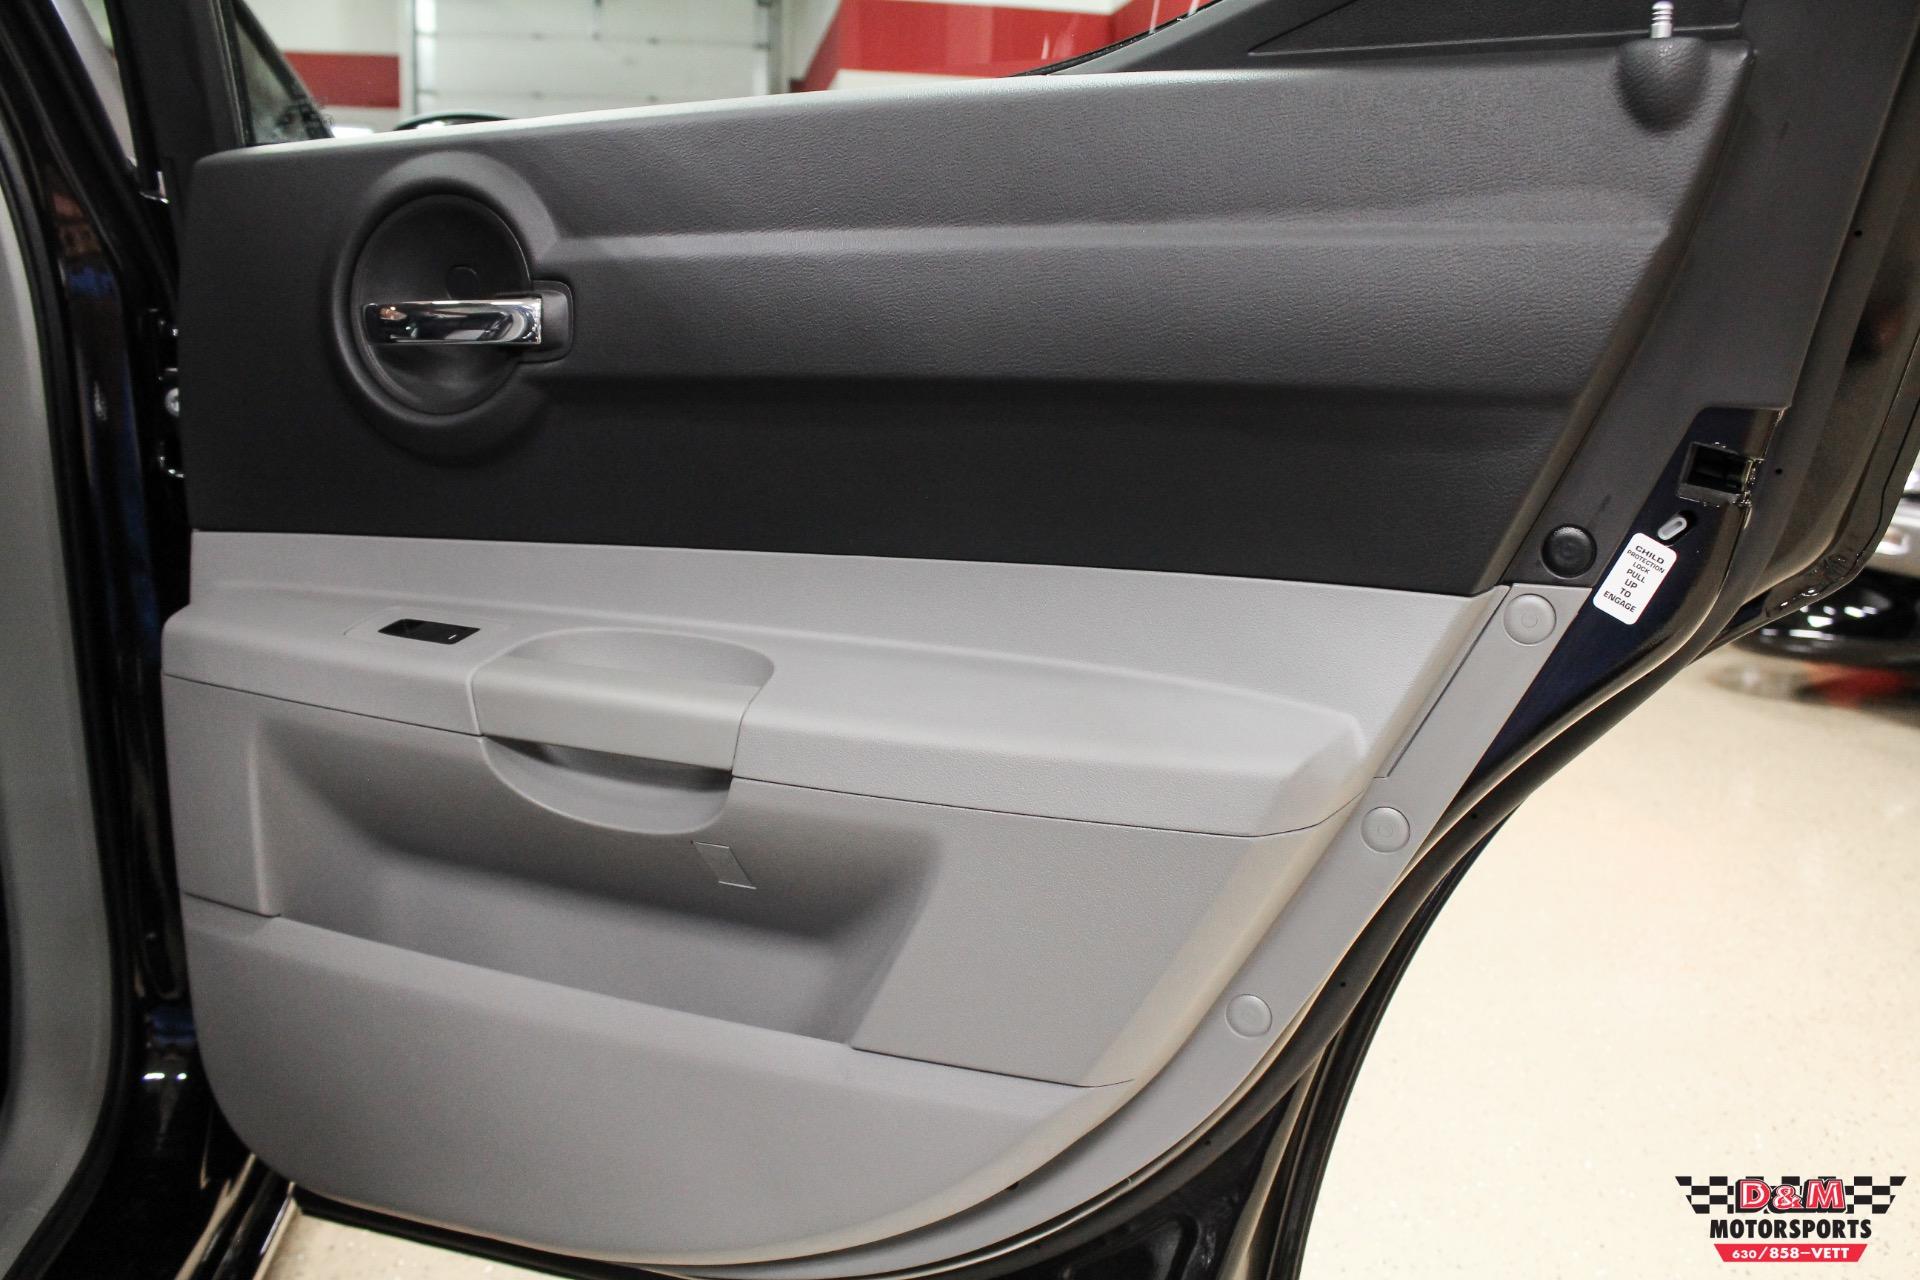 Used 2007 Dodge Charger SRT-8 | Glen Ellyn, IL